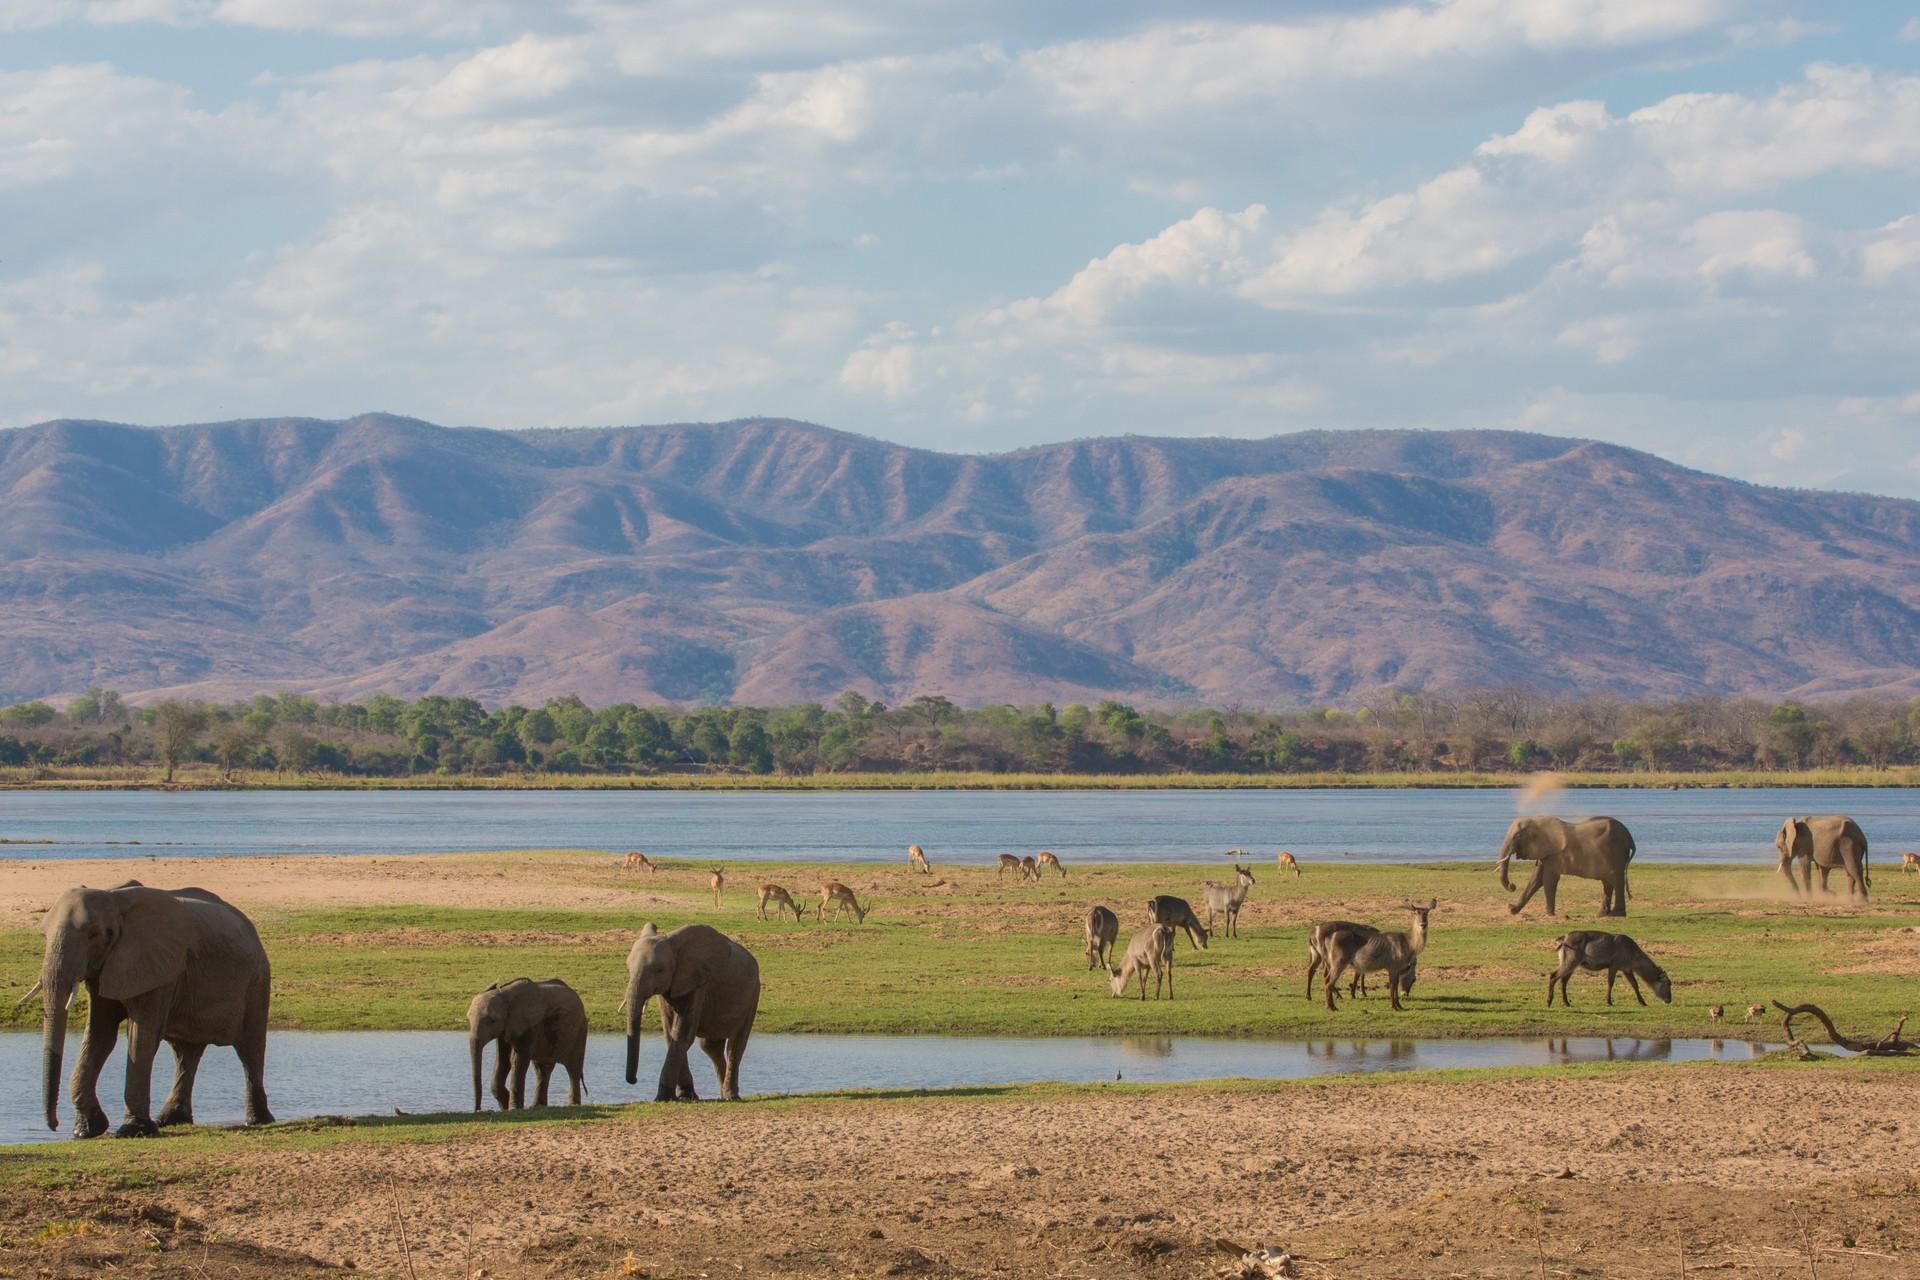 Zimbabwe's best natural attractions: Zambezi River